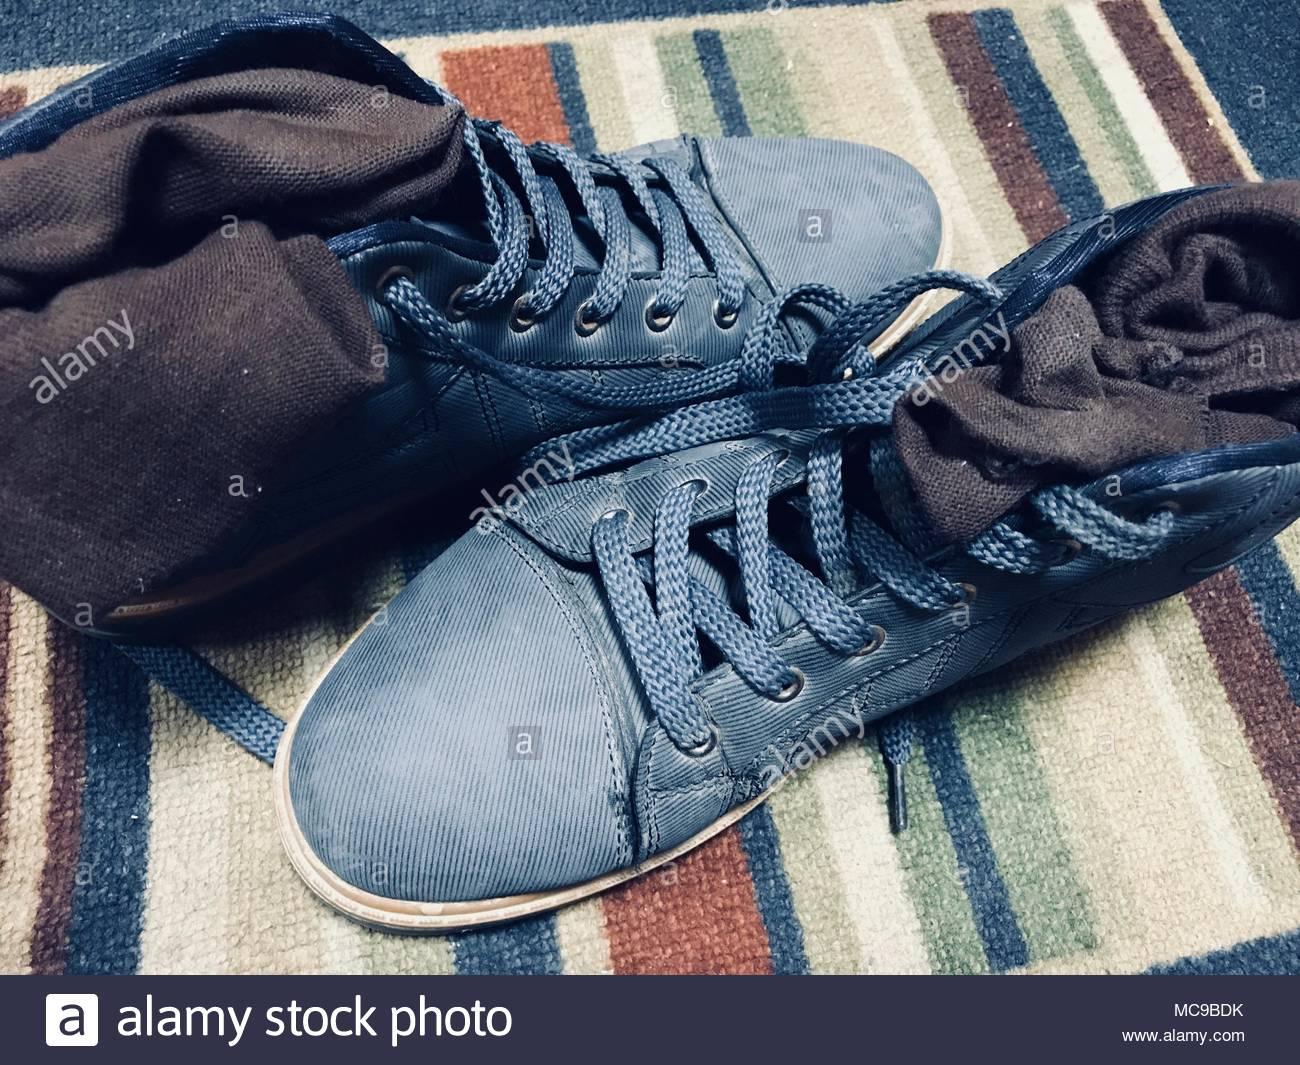 Les Old blue shoes . Mon ancienne chaussure de sport. Photo Stock